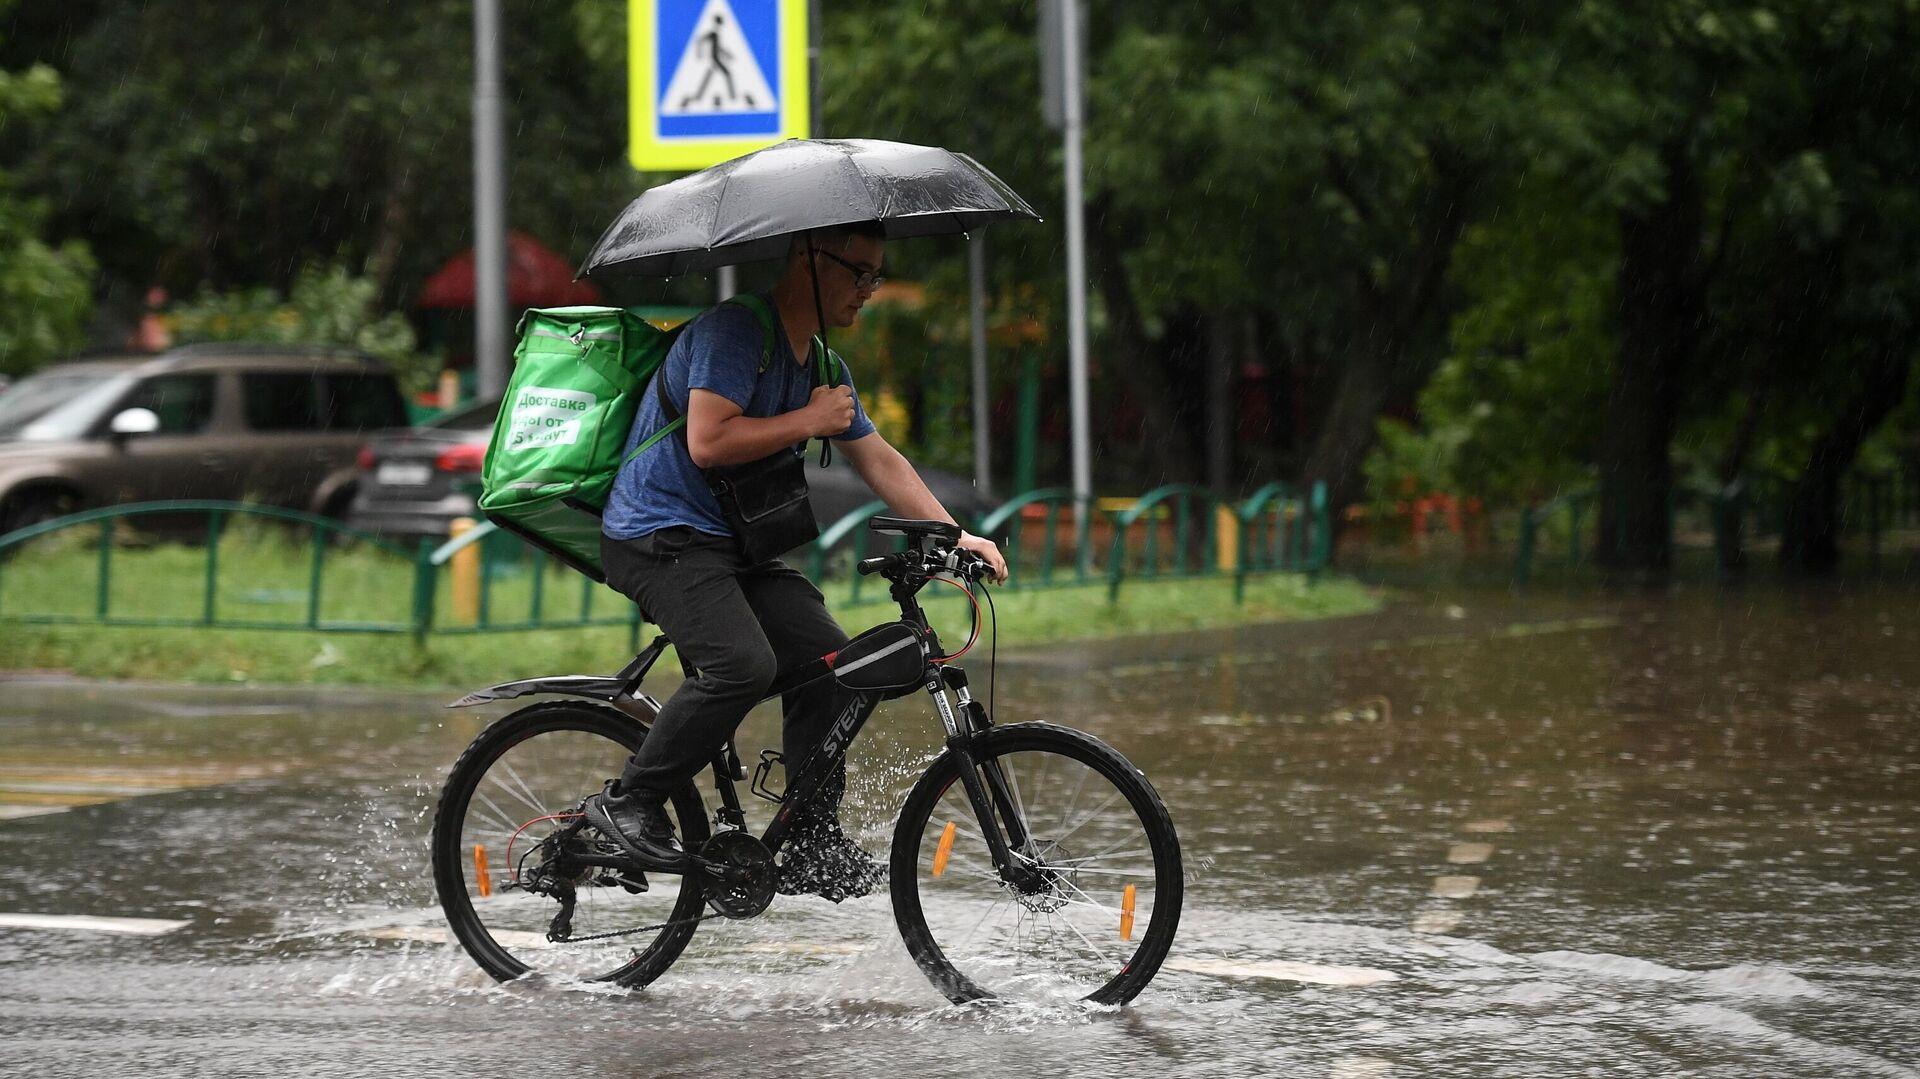 Мужчина едет на велосипеде по одной из улиц в Москве во время дождя - РИА Новости, 1920, 01.08.2021